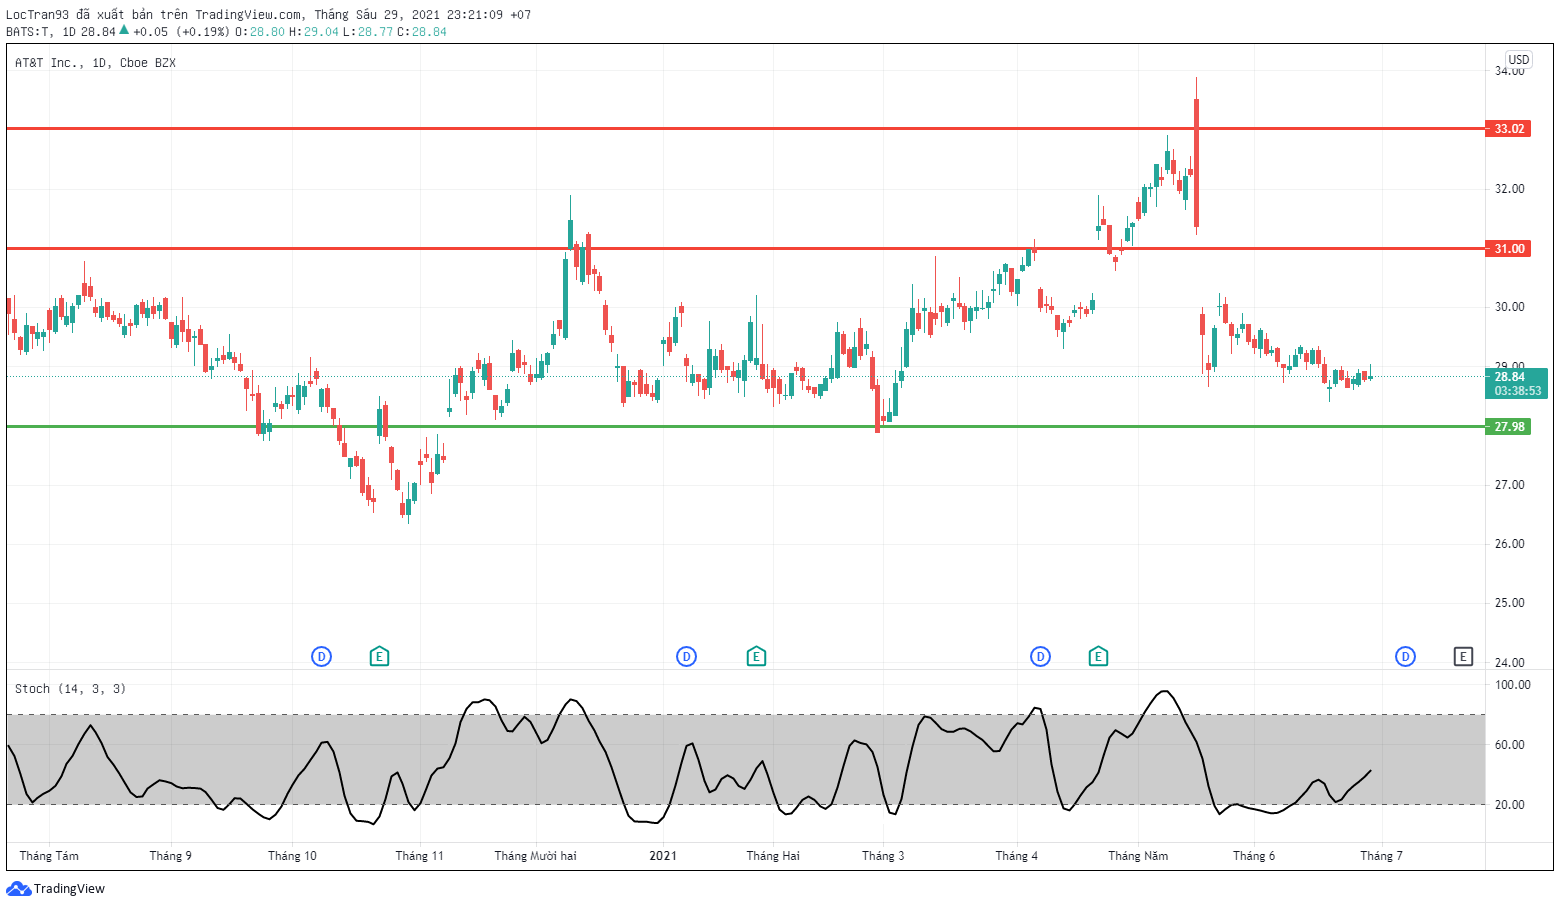 Cổ phiếu AT&T khung 1D xu hướng giảm ngắn hạn